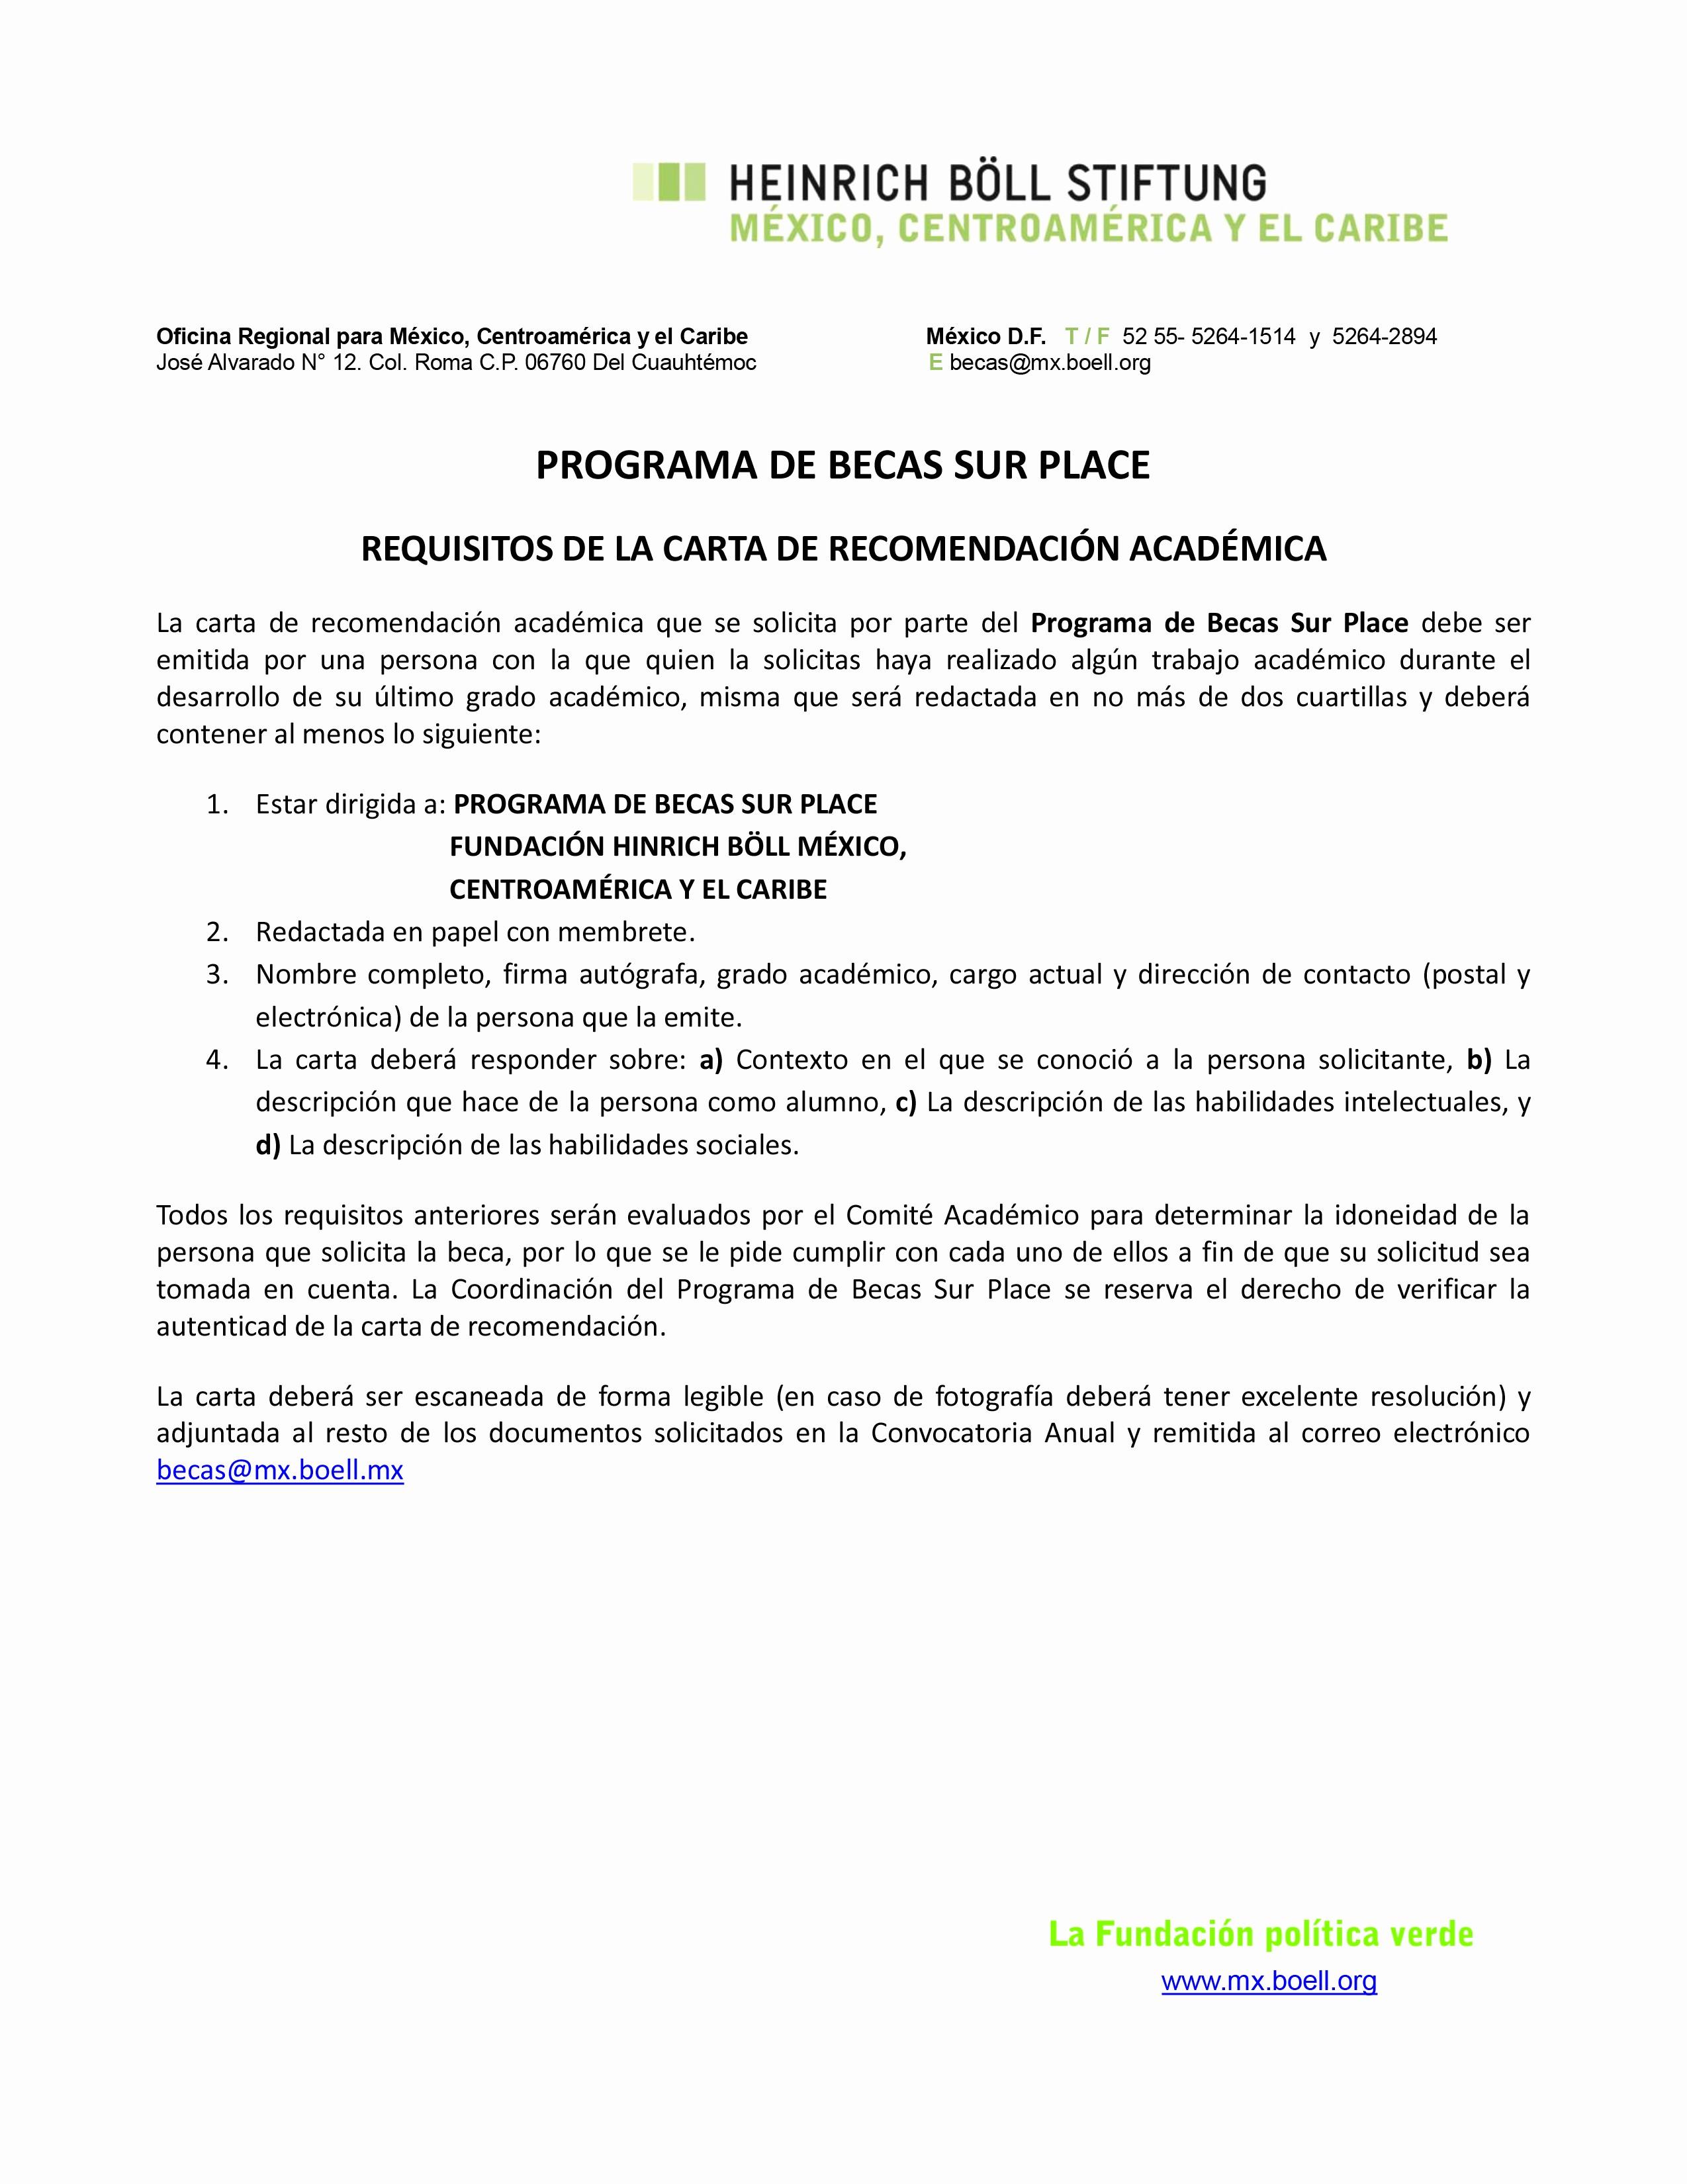 Carta De Recomendacion Para Estudiantes Fresh Requisitos Carta De Re Endación Académica